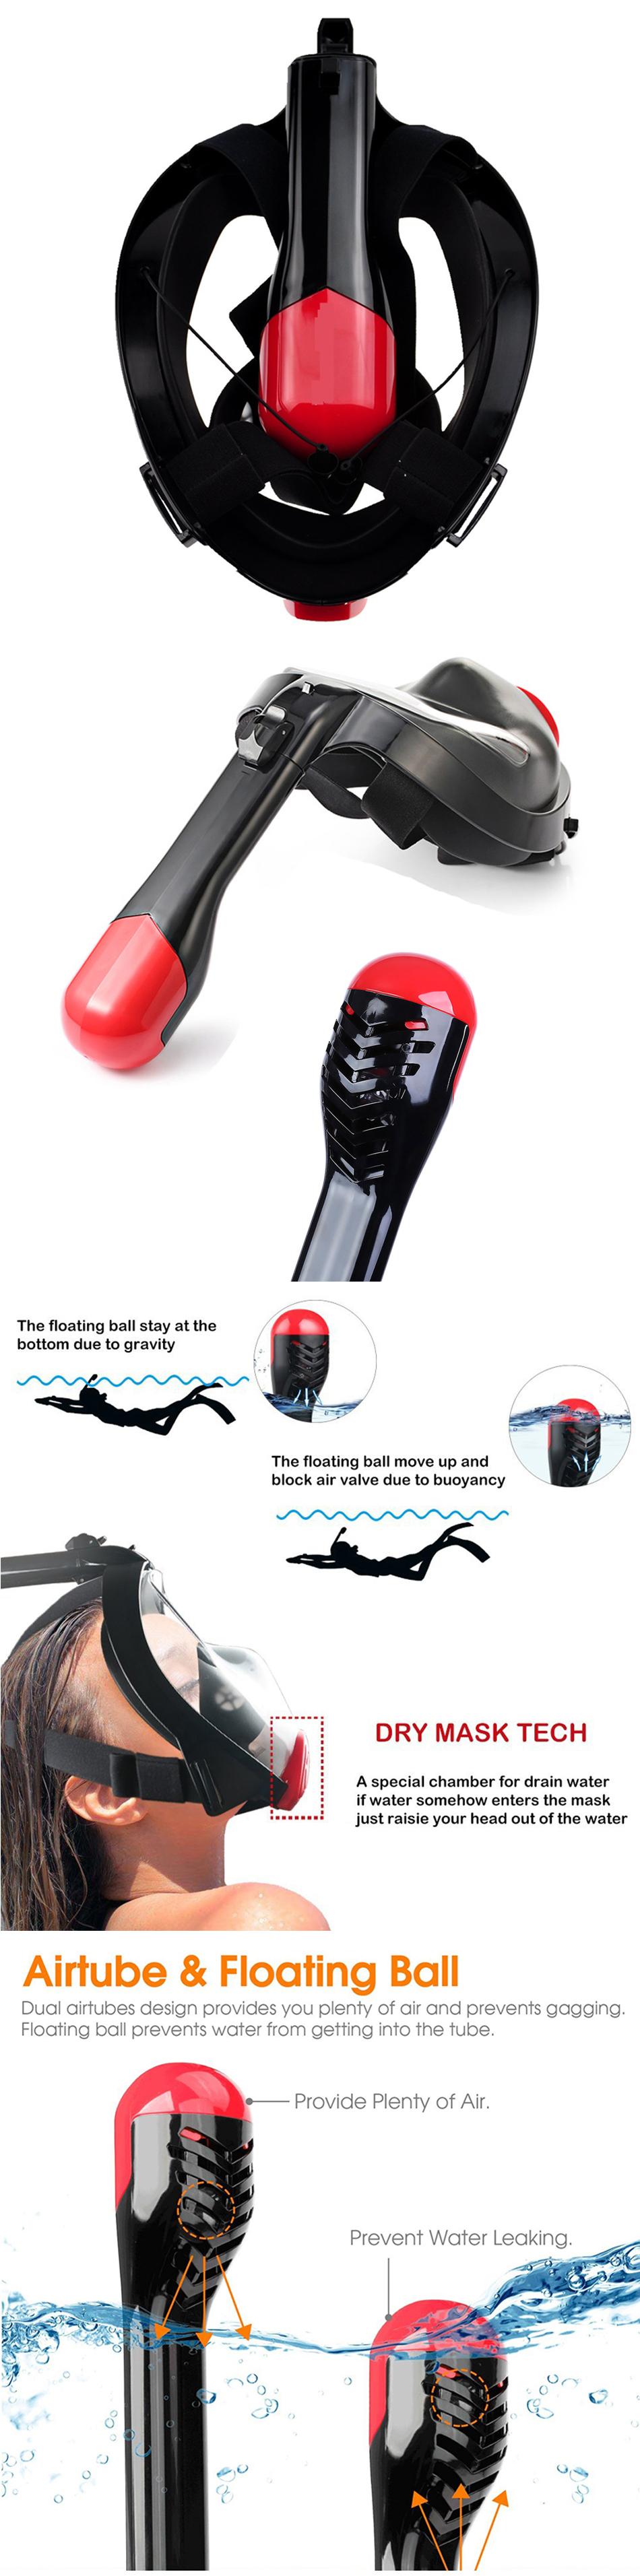 diving mask details 5